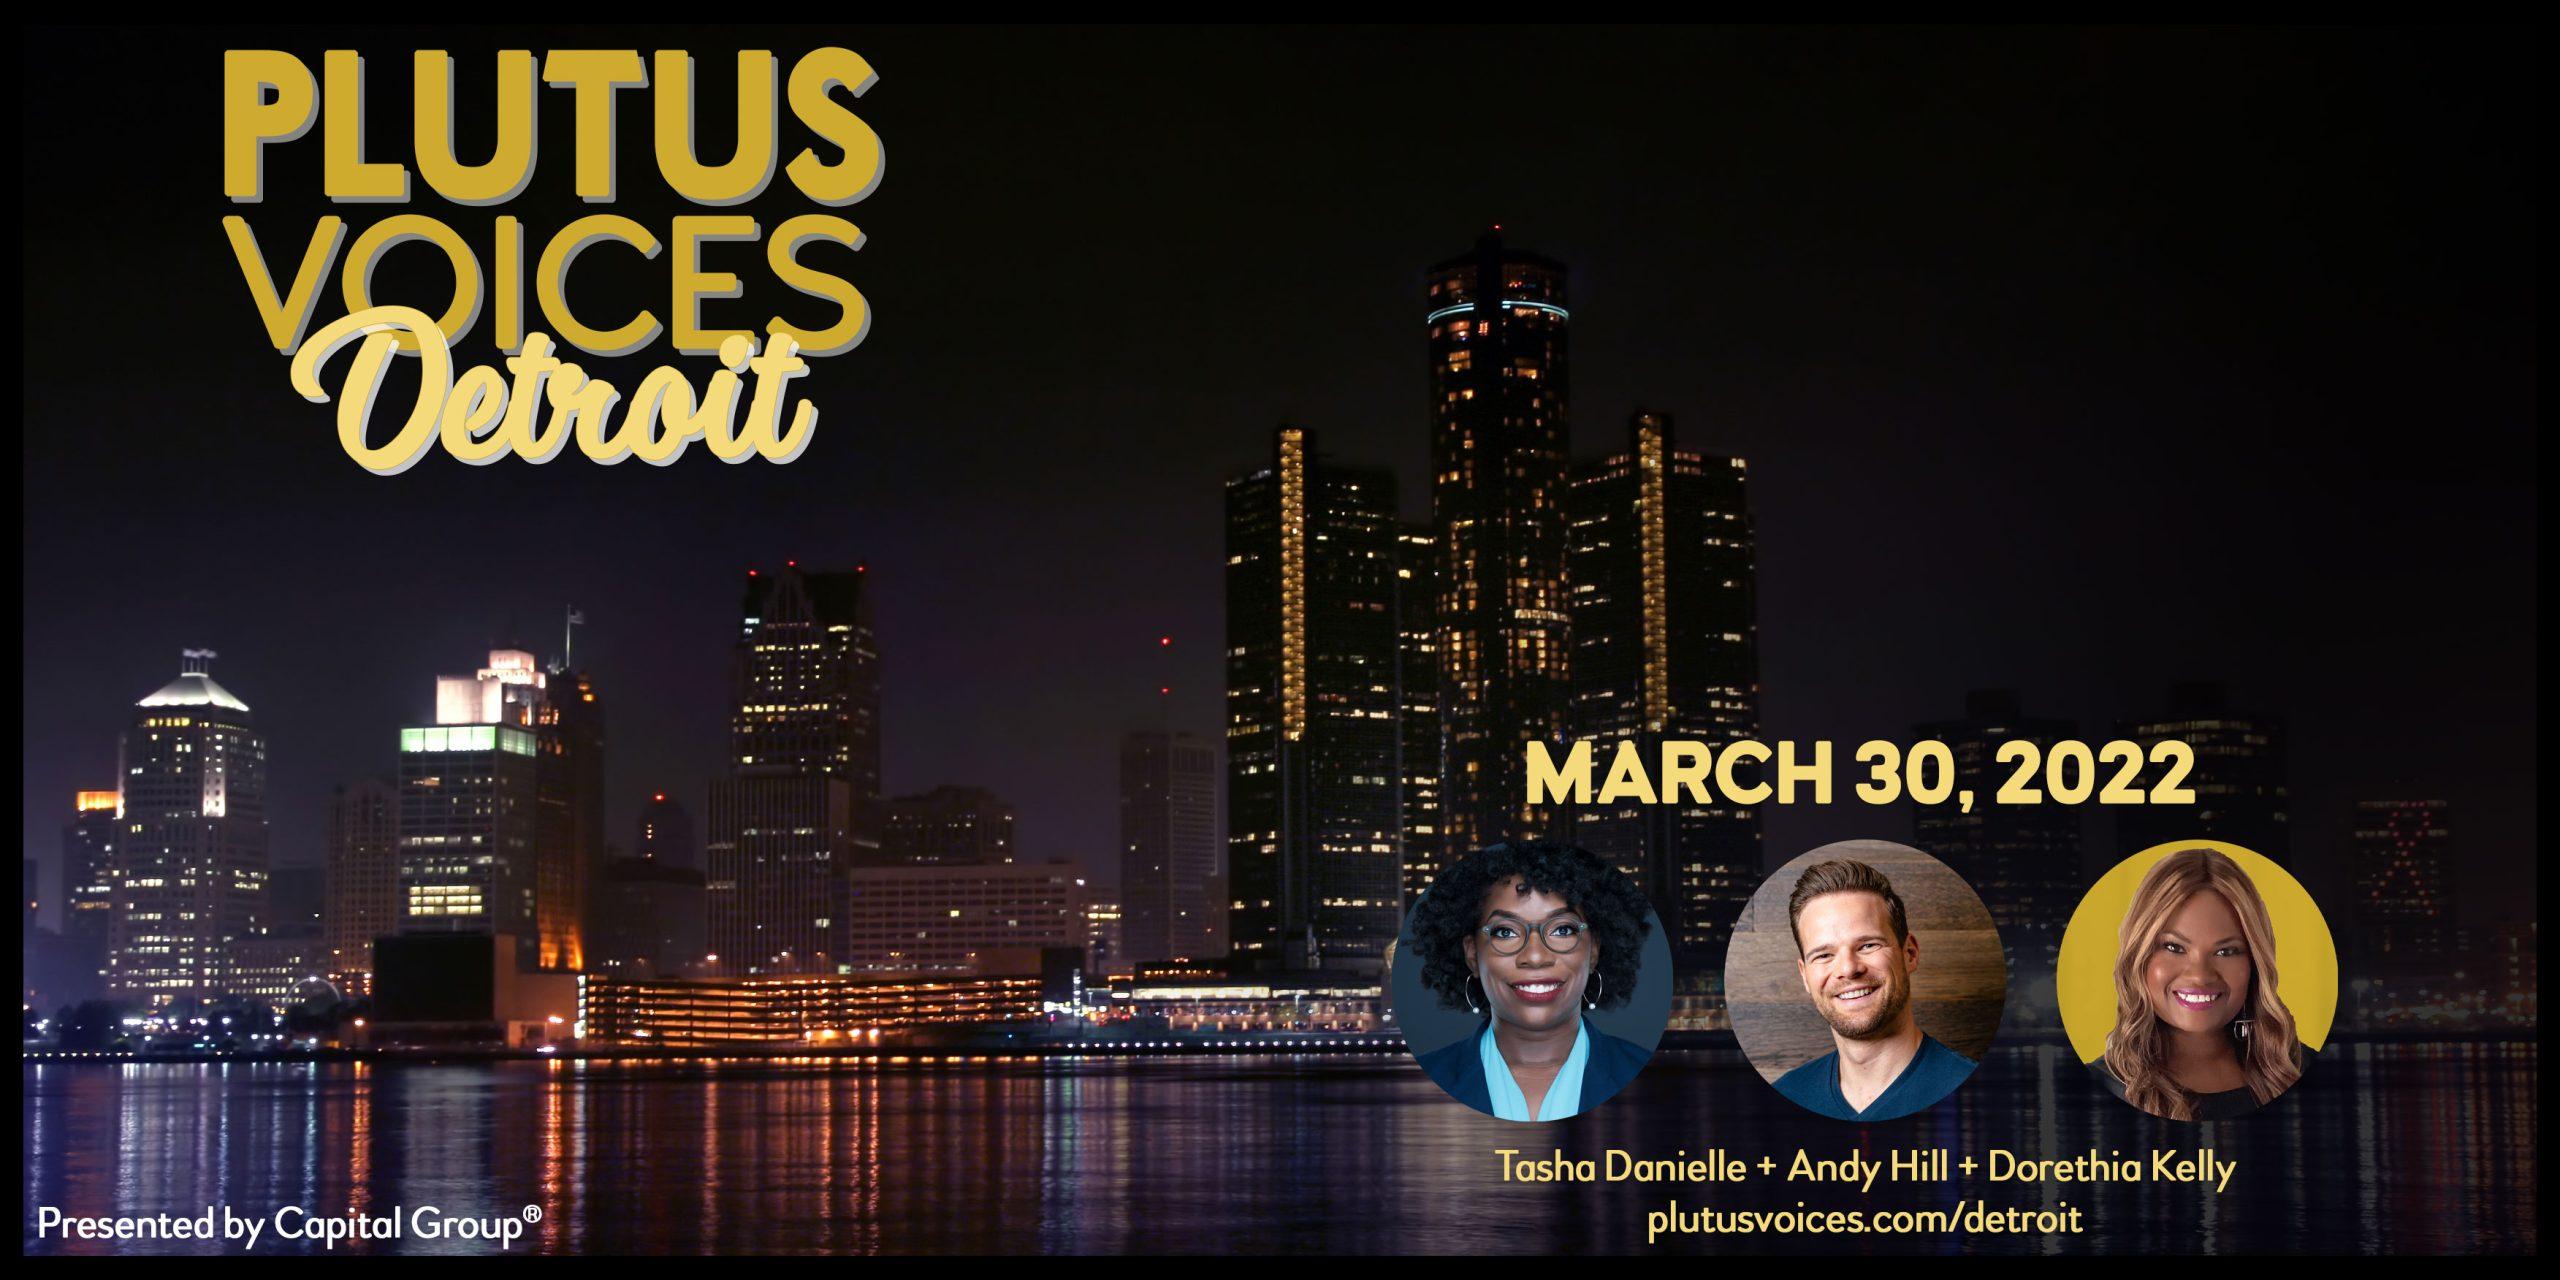 Plutus Voices Detroit Cover